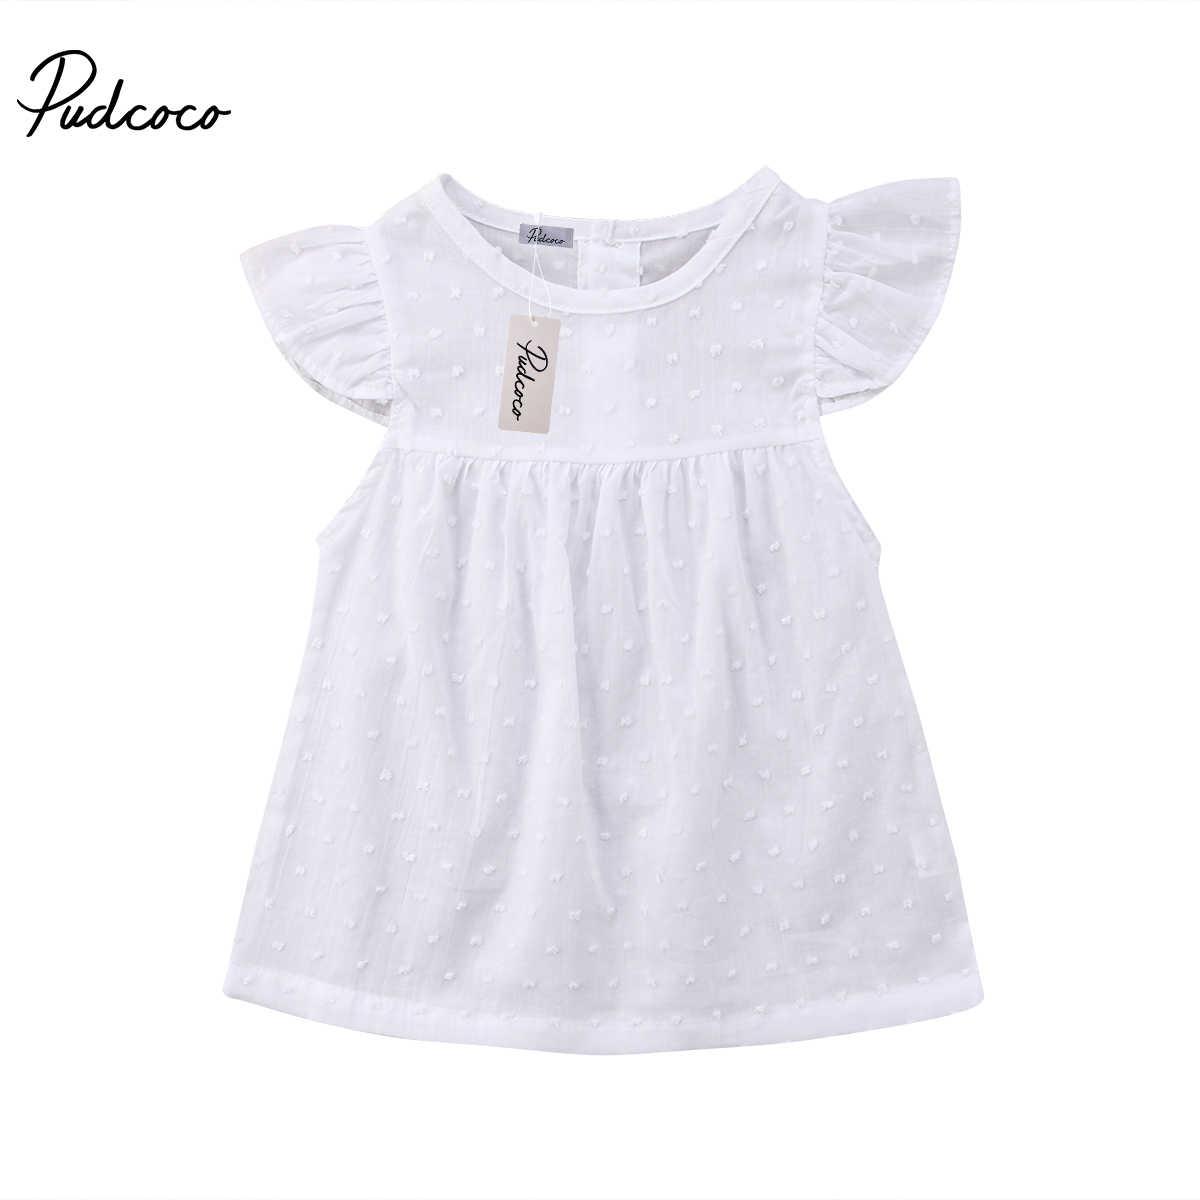 Nouveau bambin filles robe infantile bébé filles Mini robes d'été enfants fille blanc tacheté robe d'été vêtements